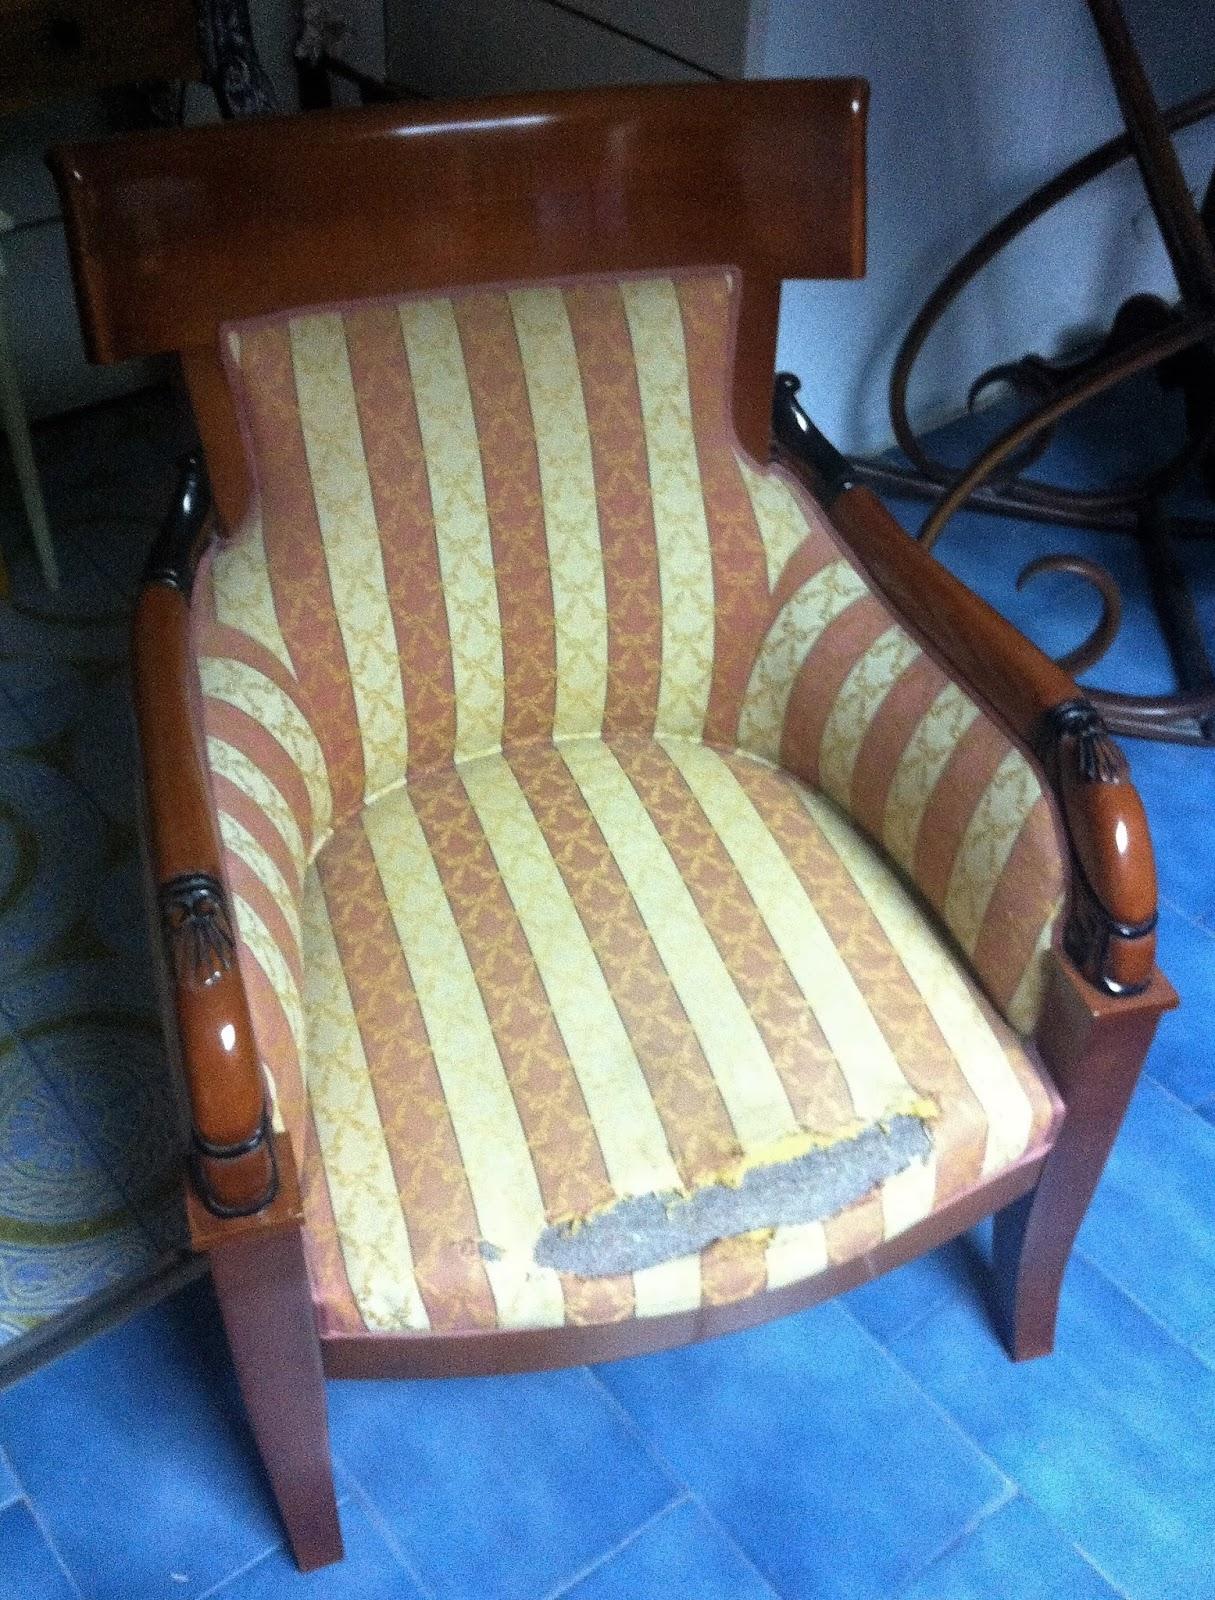 Como tapizar una butaca paso a paso tapizar una silla paso a paso bricolaje with como tapizar - Cuanto cuesta tapizar una butaca ...